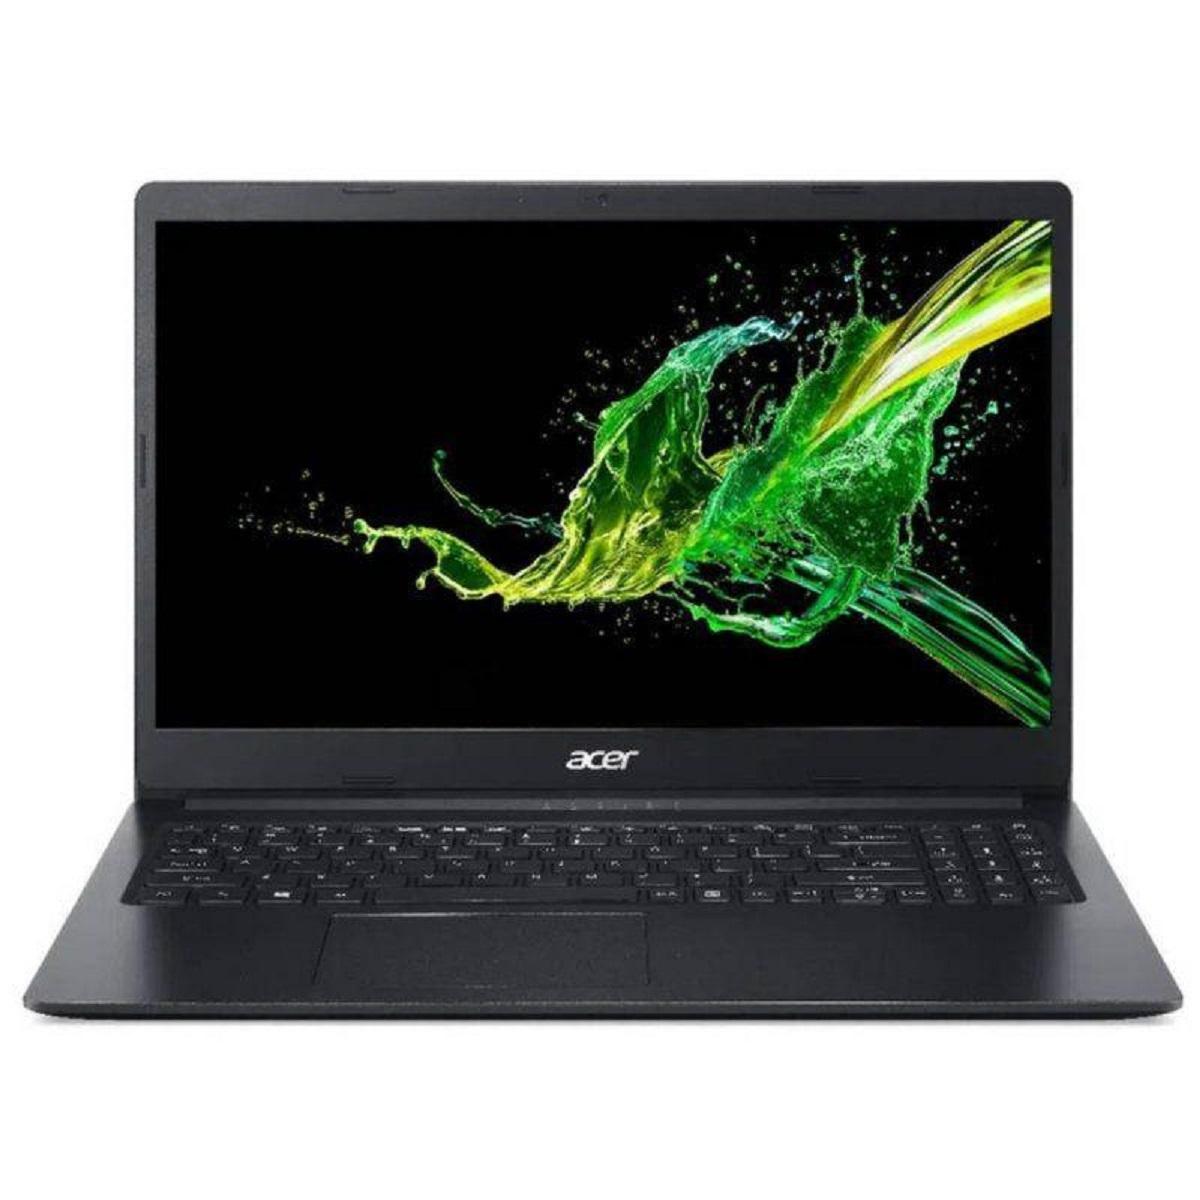 Imagem de Notebook i3 da marca Acer Aspire 3